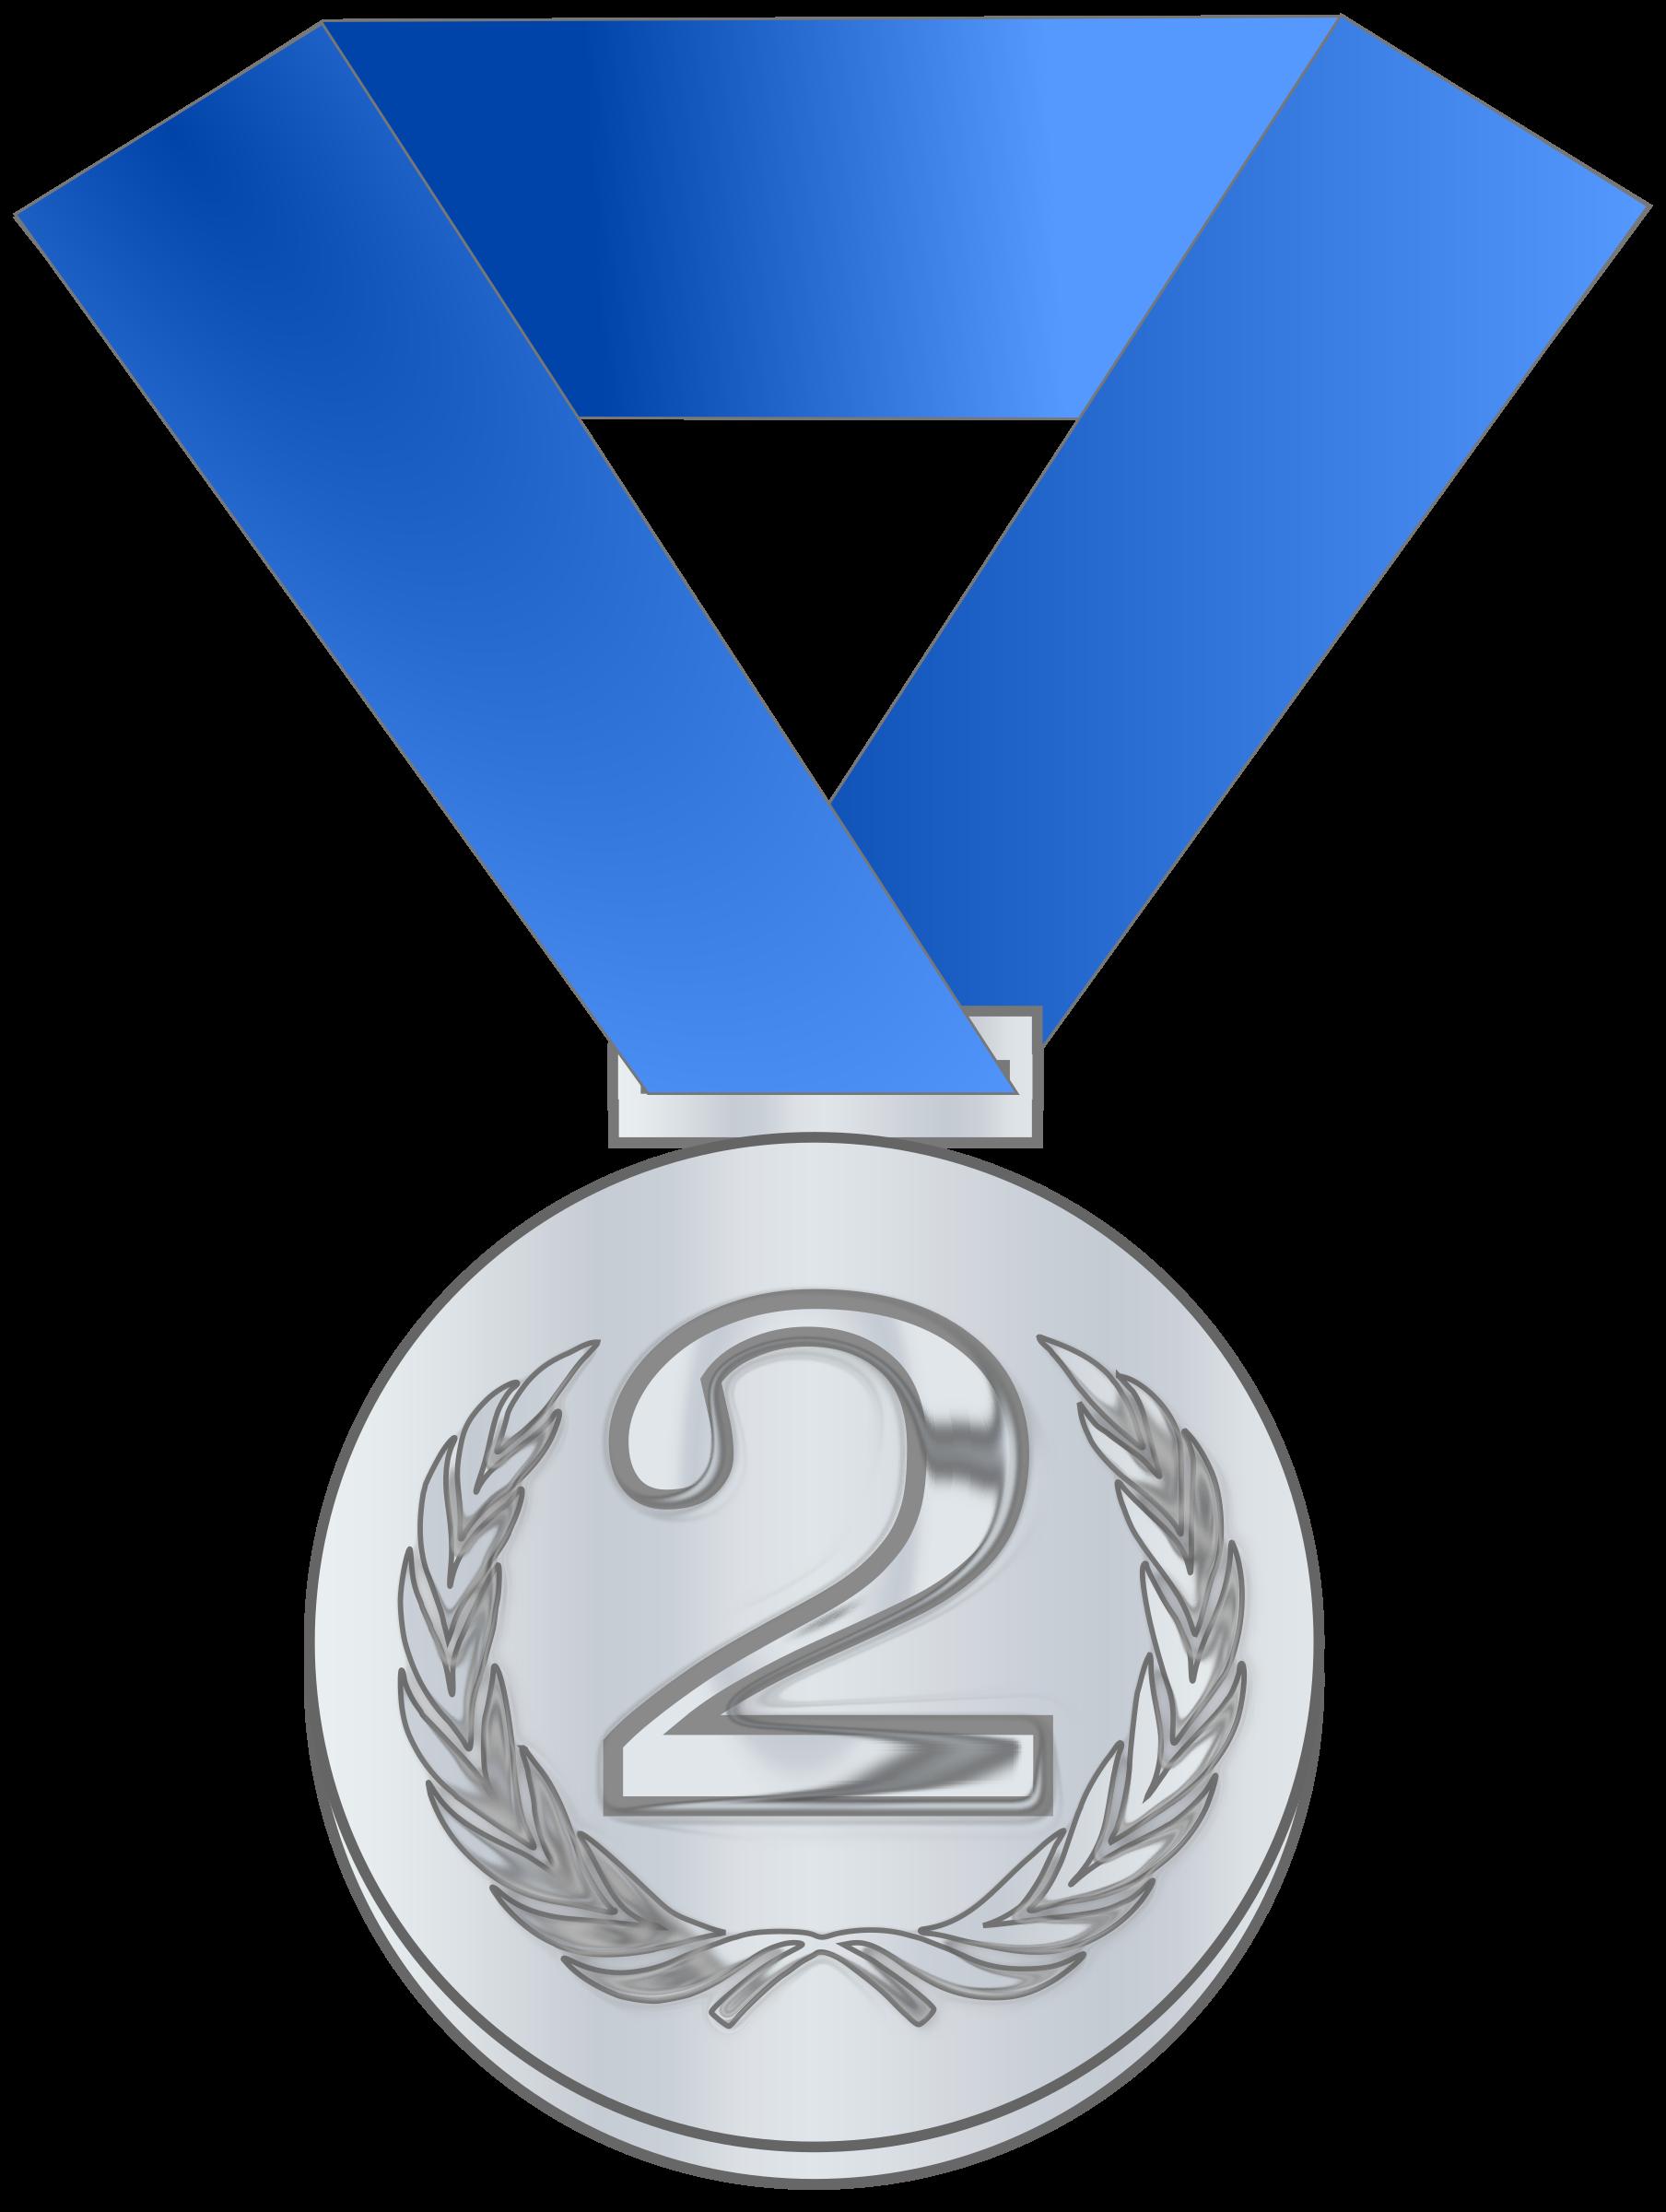 Medal award big image. Laurel clipart gold silver bronze